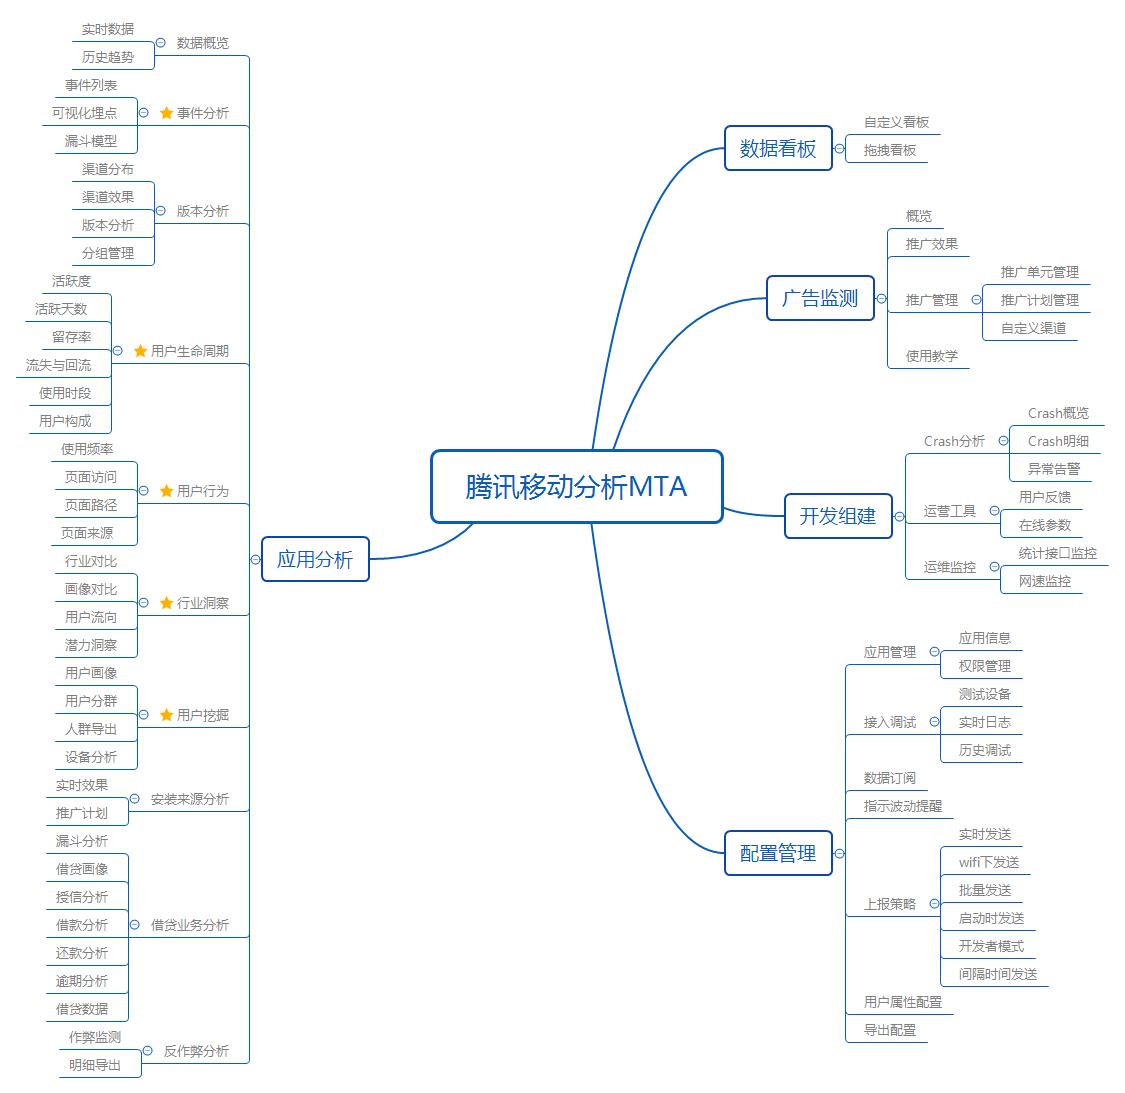 功能結構圖可以總結mta平臺主要分為五個功能:自定義看板功能,營銷